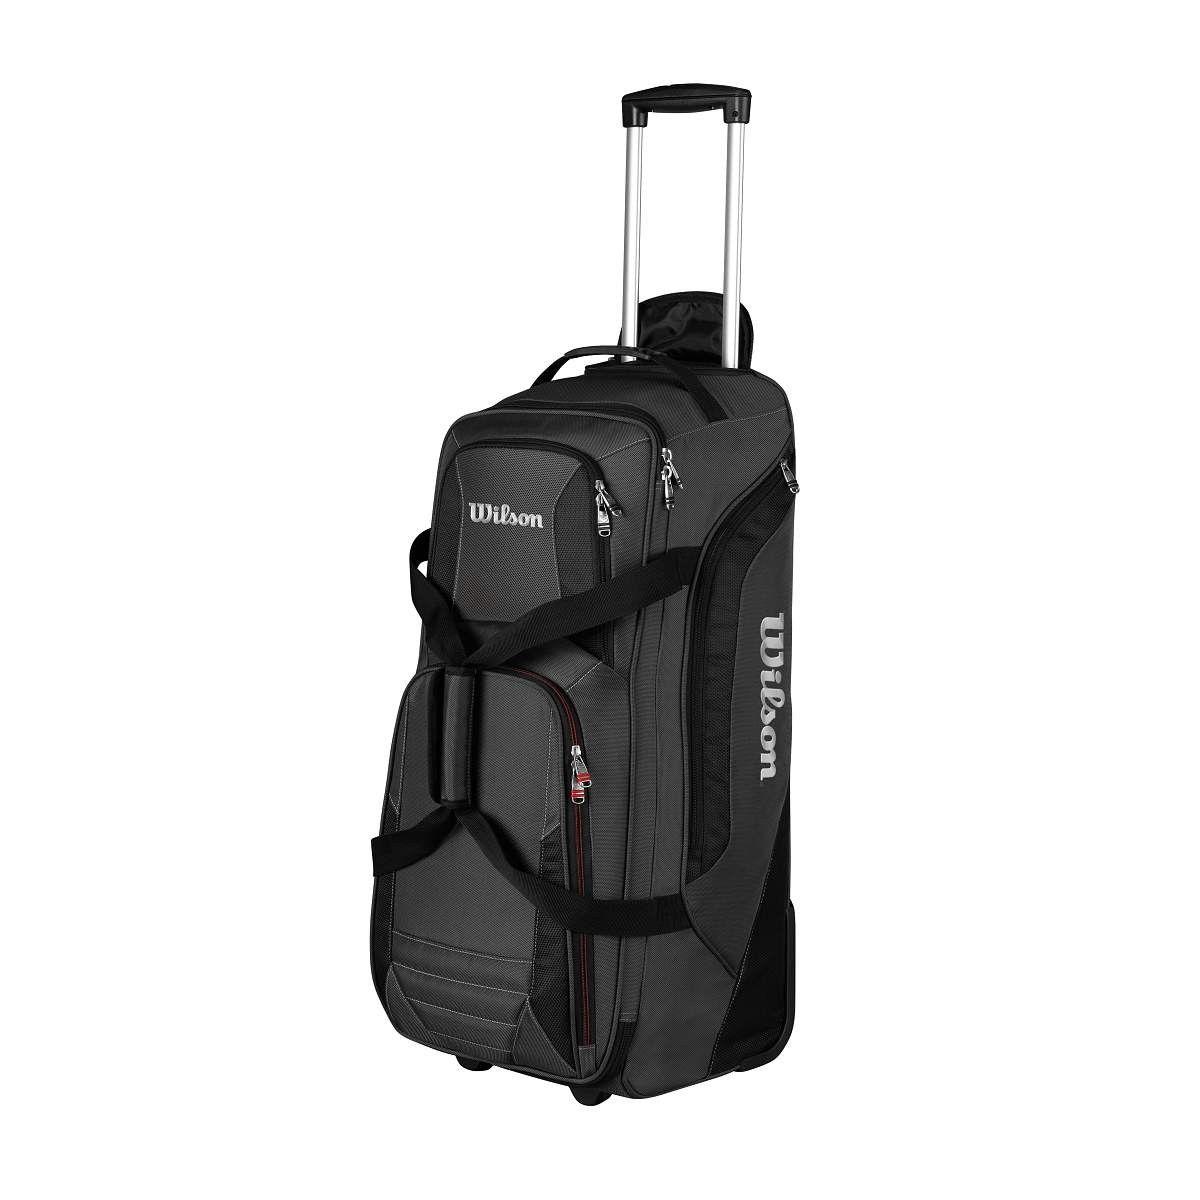 Wilson Wheeled Travel Bag Travel Bag Perfect Travel Bag Baseball Bag